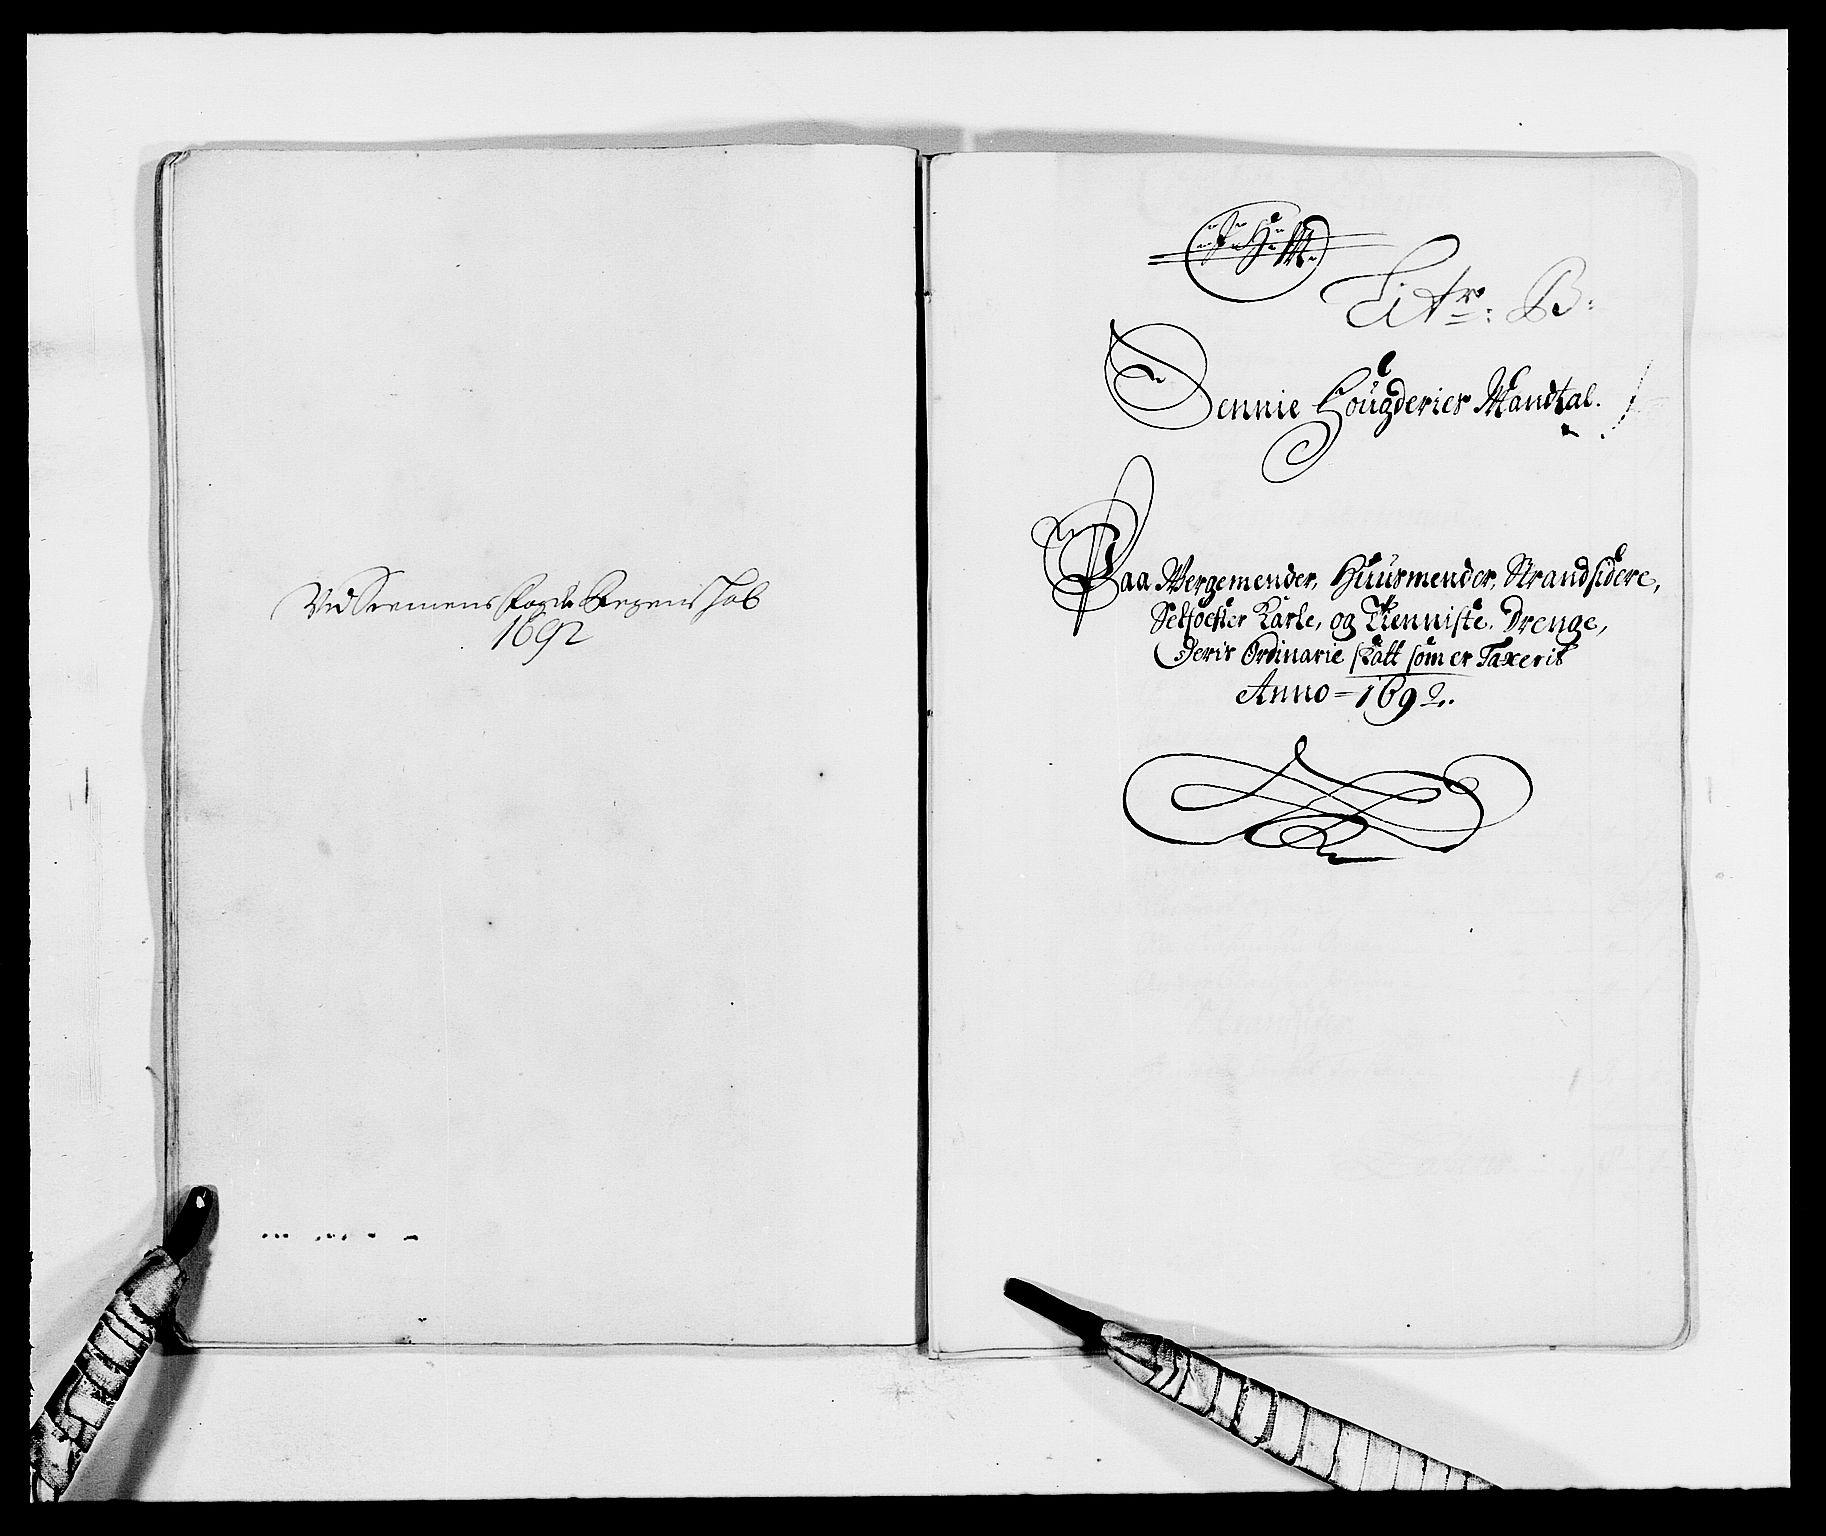 RA, Rentekammeret inntil 1814, Reviderte regnskaper, Fogderegnskap, R68/L4752: Fogderegnskap Senja og Troms, 1691-1693, s. 187